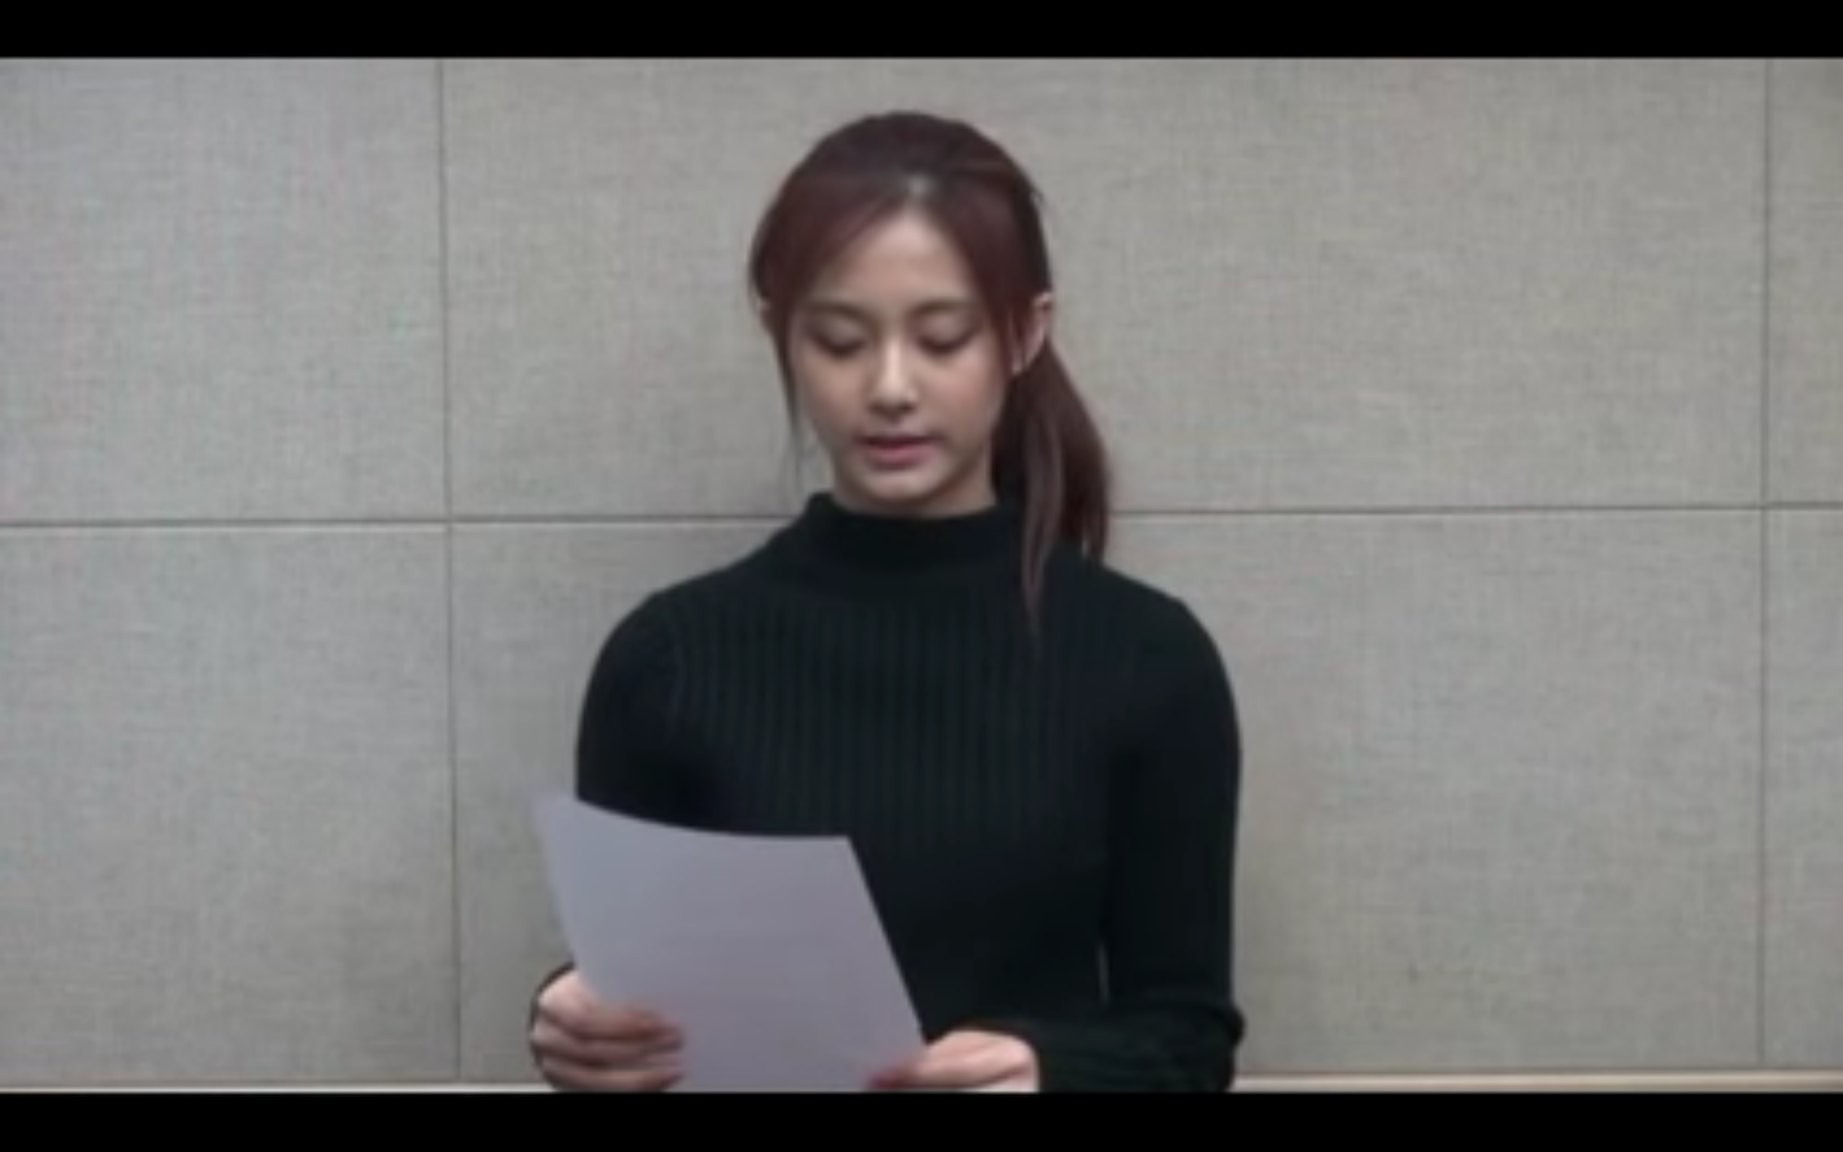 首度鞠躬後,她按照稿件讀出道歉聲明。(畫面截圖)